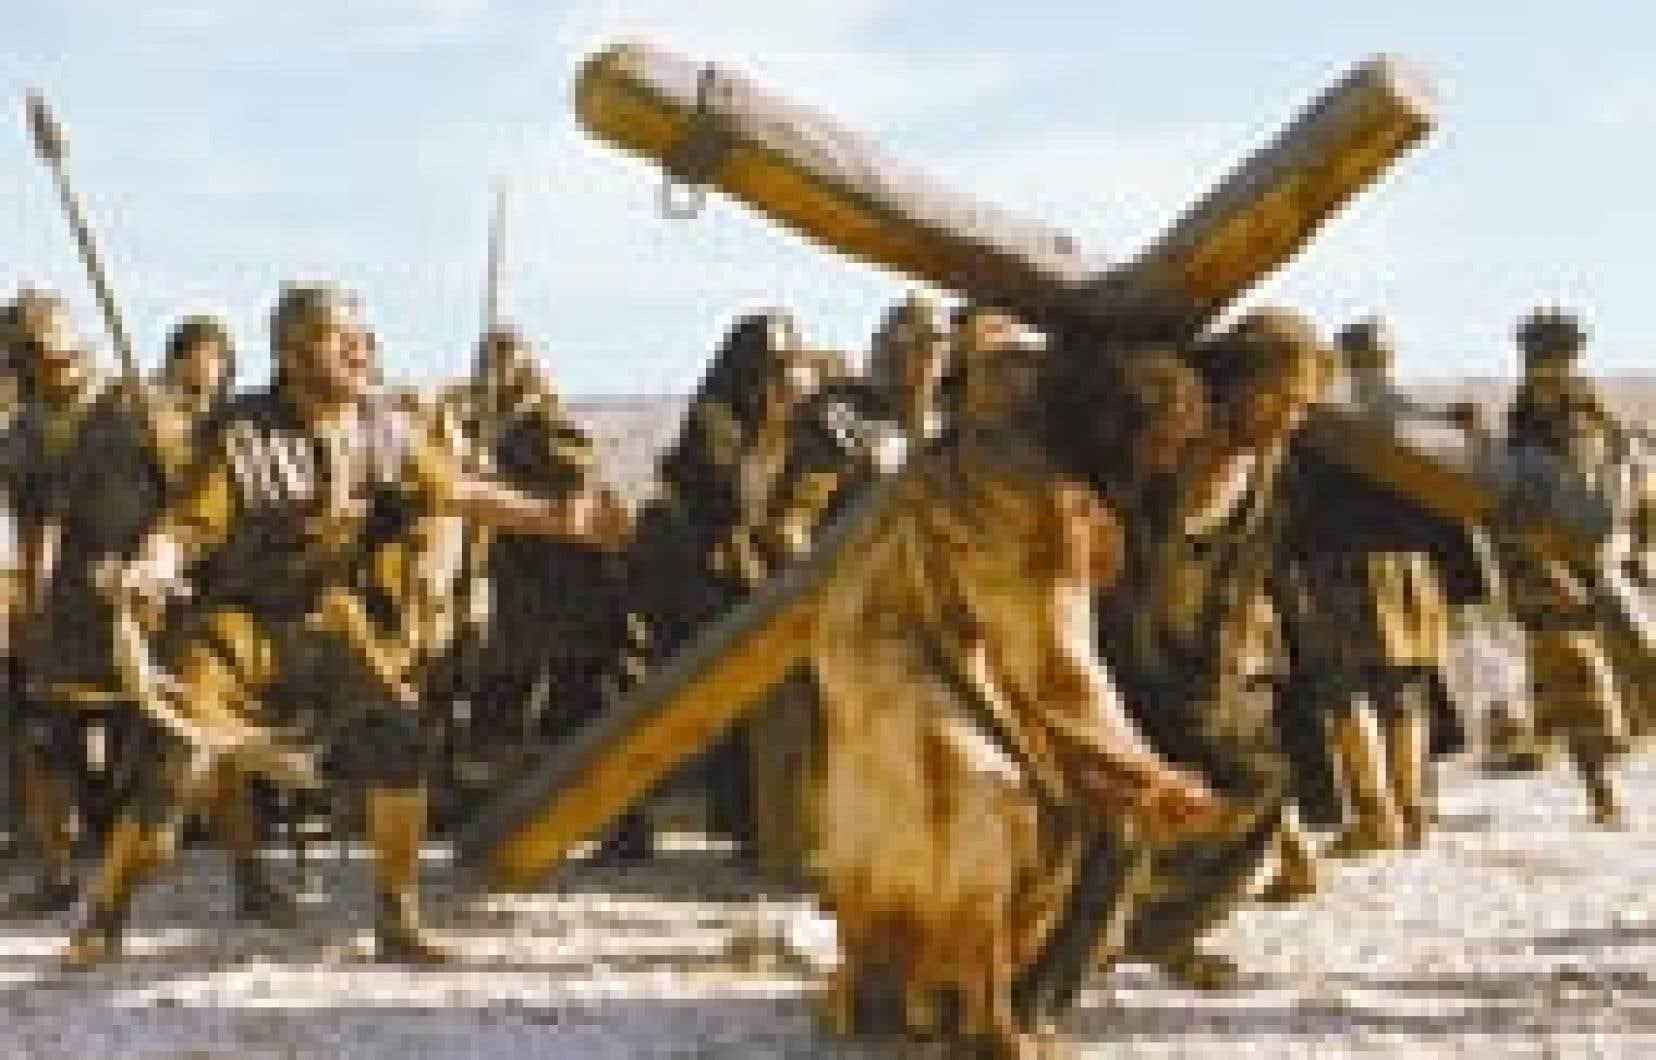 Jésus, joué par Jim Caviezel, porte sa croix dans une scène du film de Mel Gibson, coté R, et donc interdit aux moins de 18 ans, pour ses scènes de violence. La Passion du Christ sort en salles demain. — Philippe Antonello, Equinoxe Films Inc